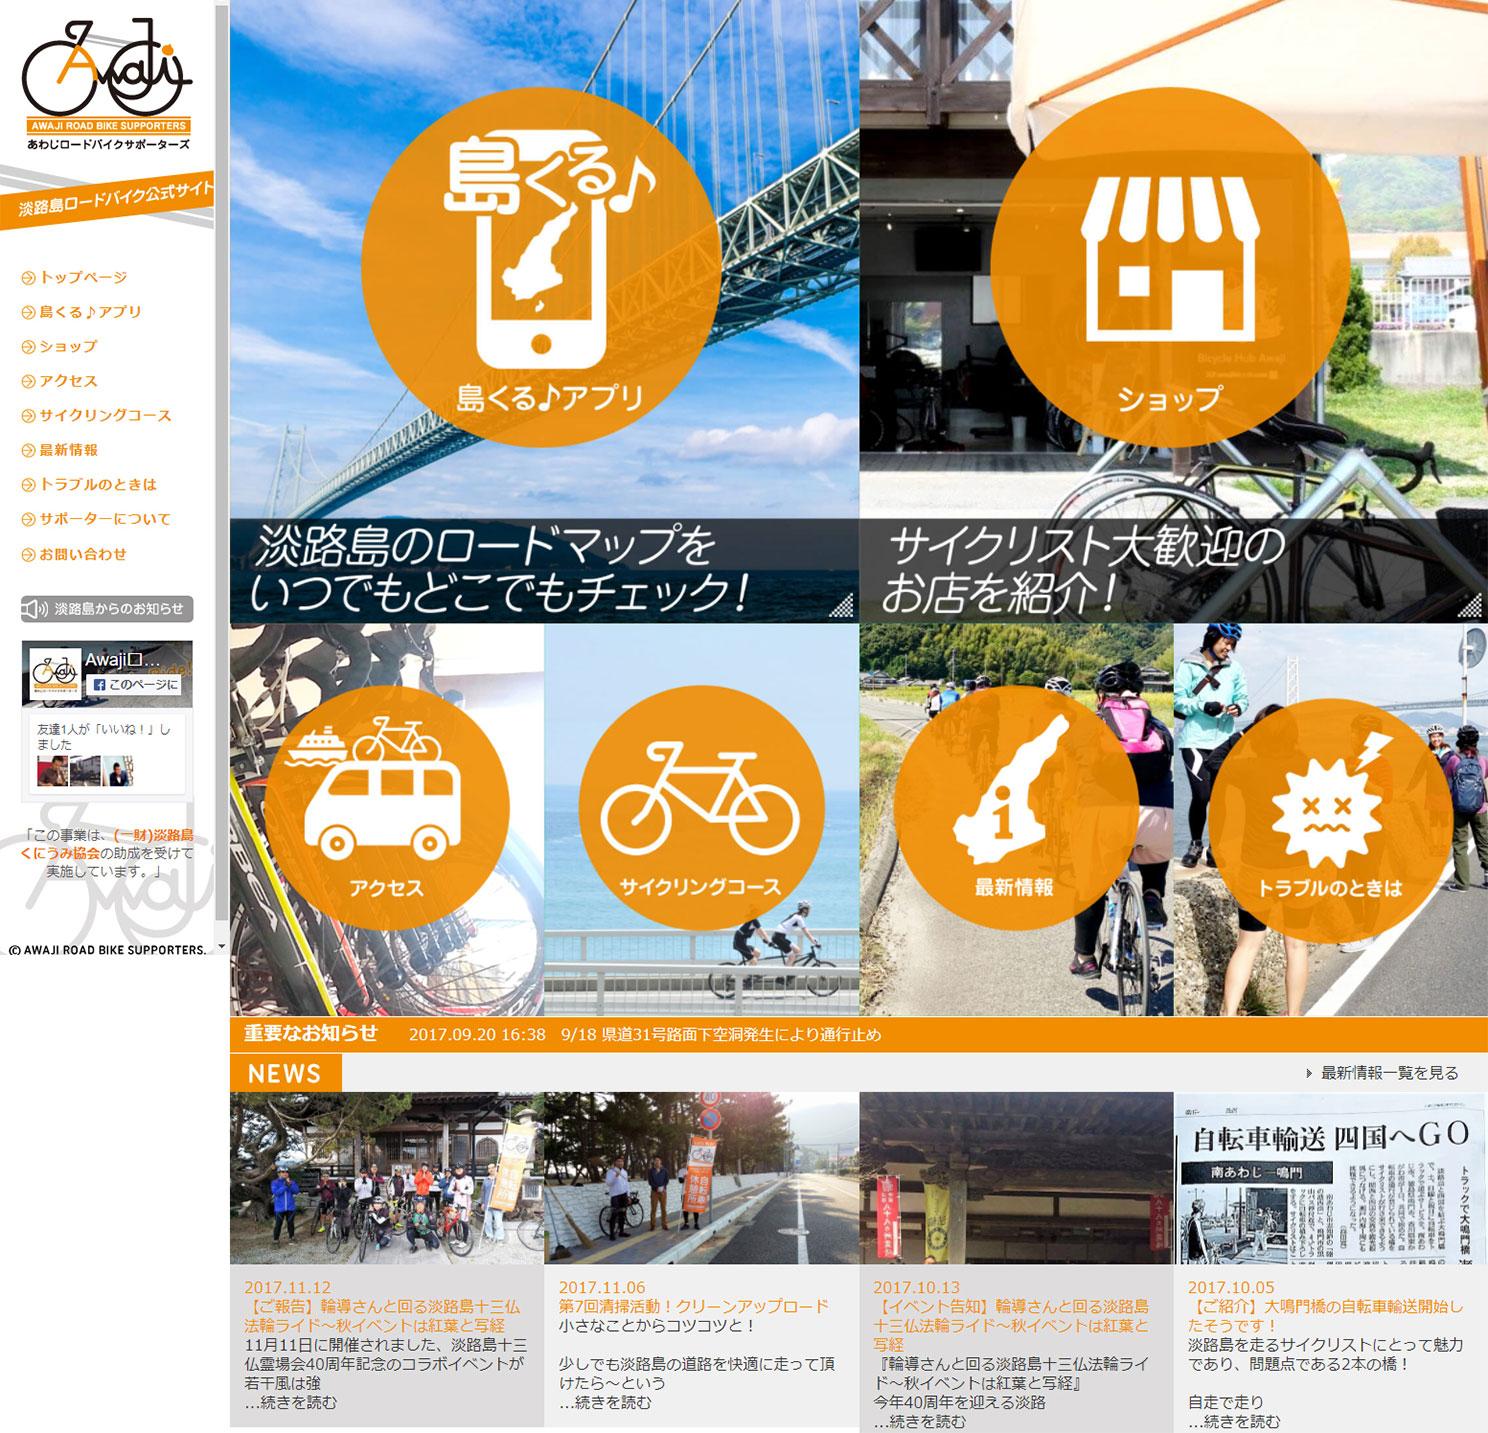 ロードバイクサーポーターズ様_ホームページ02